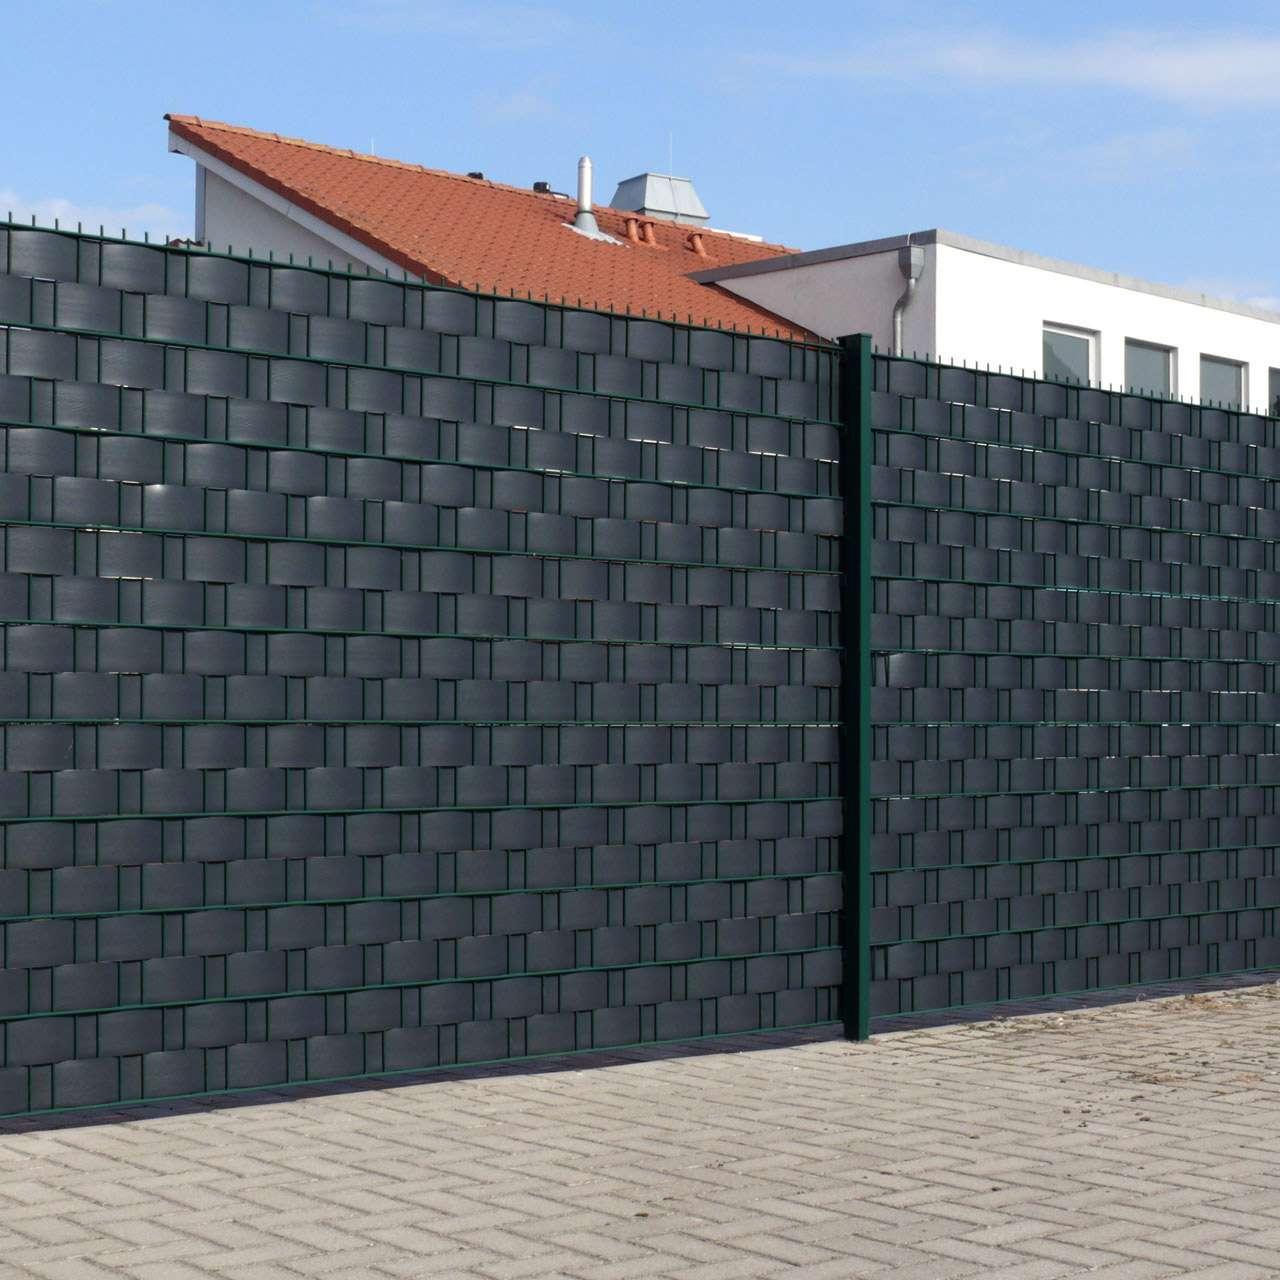 Sichtschutz Garten Kunststoff Anthrazit Top Die Besten Ideen Auf